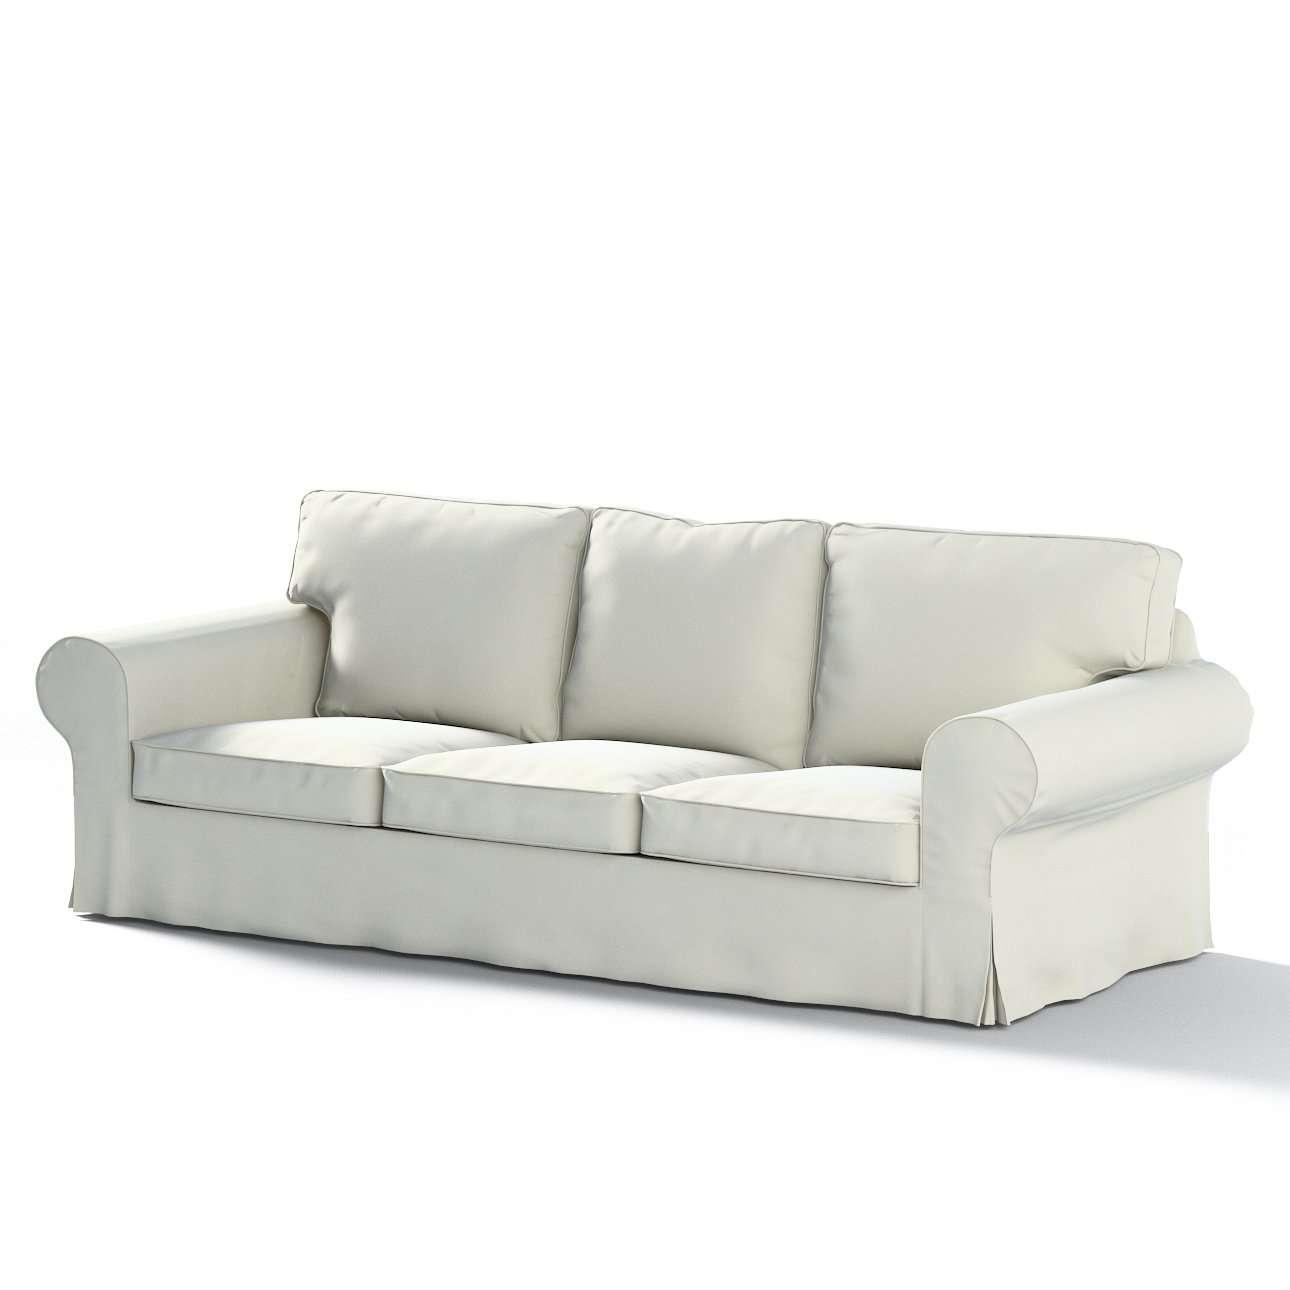 Bezug für Ektorp 3-Sitzer Schlafsofa, neues Modell (2013) von der Kollektion Velvet, Stoff: 704-10